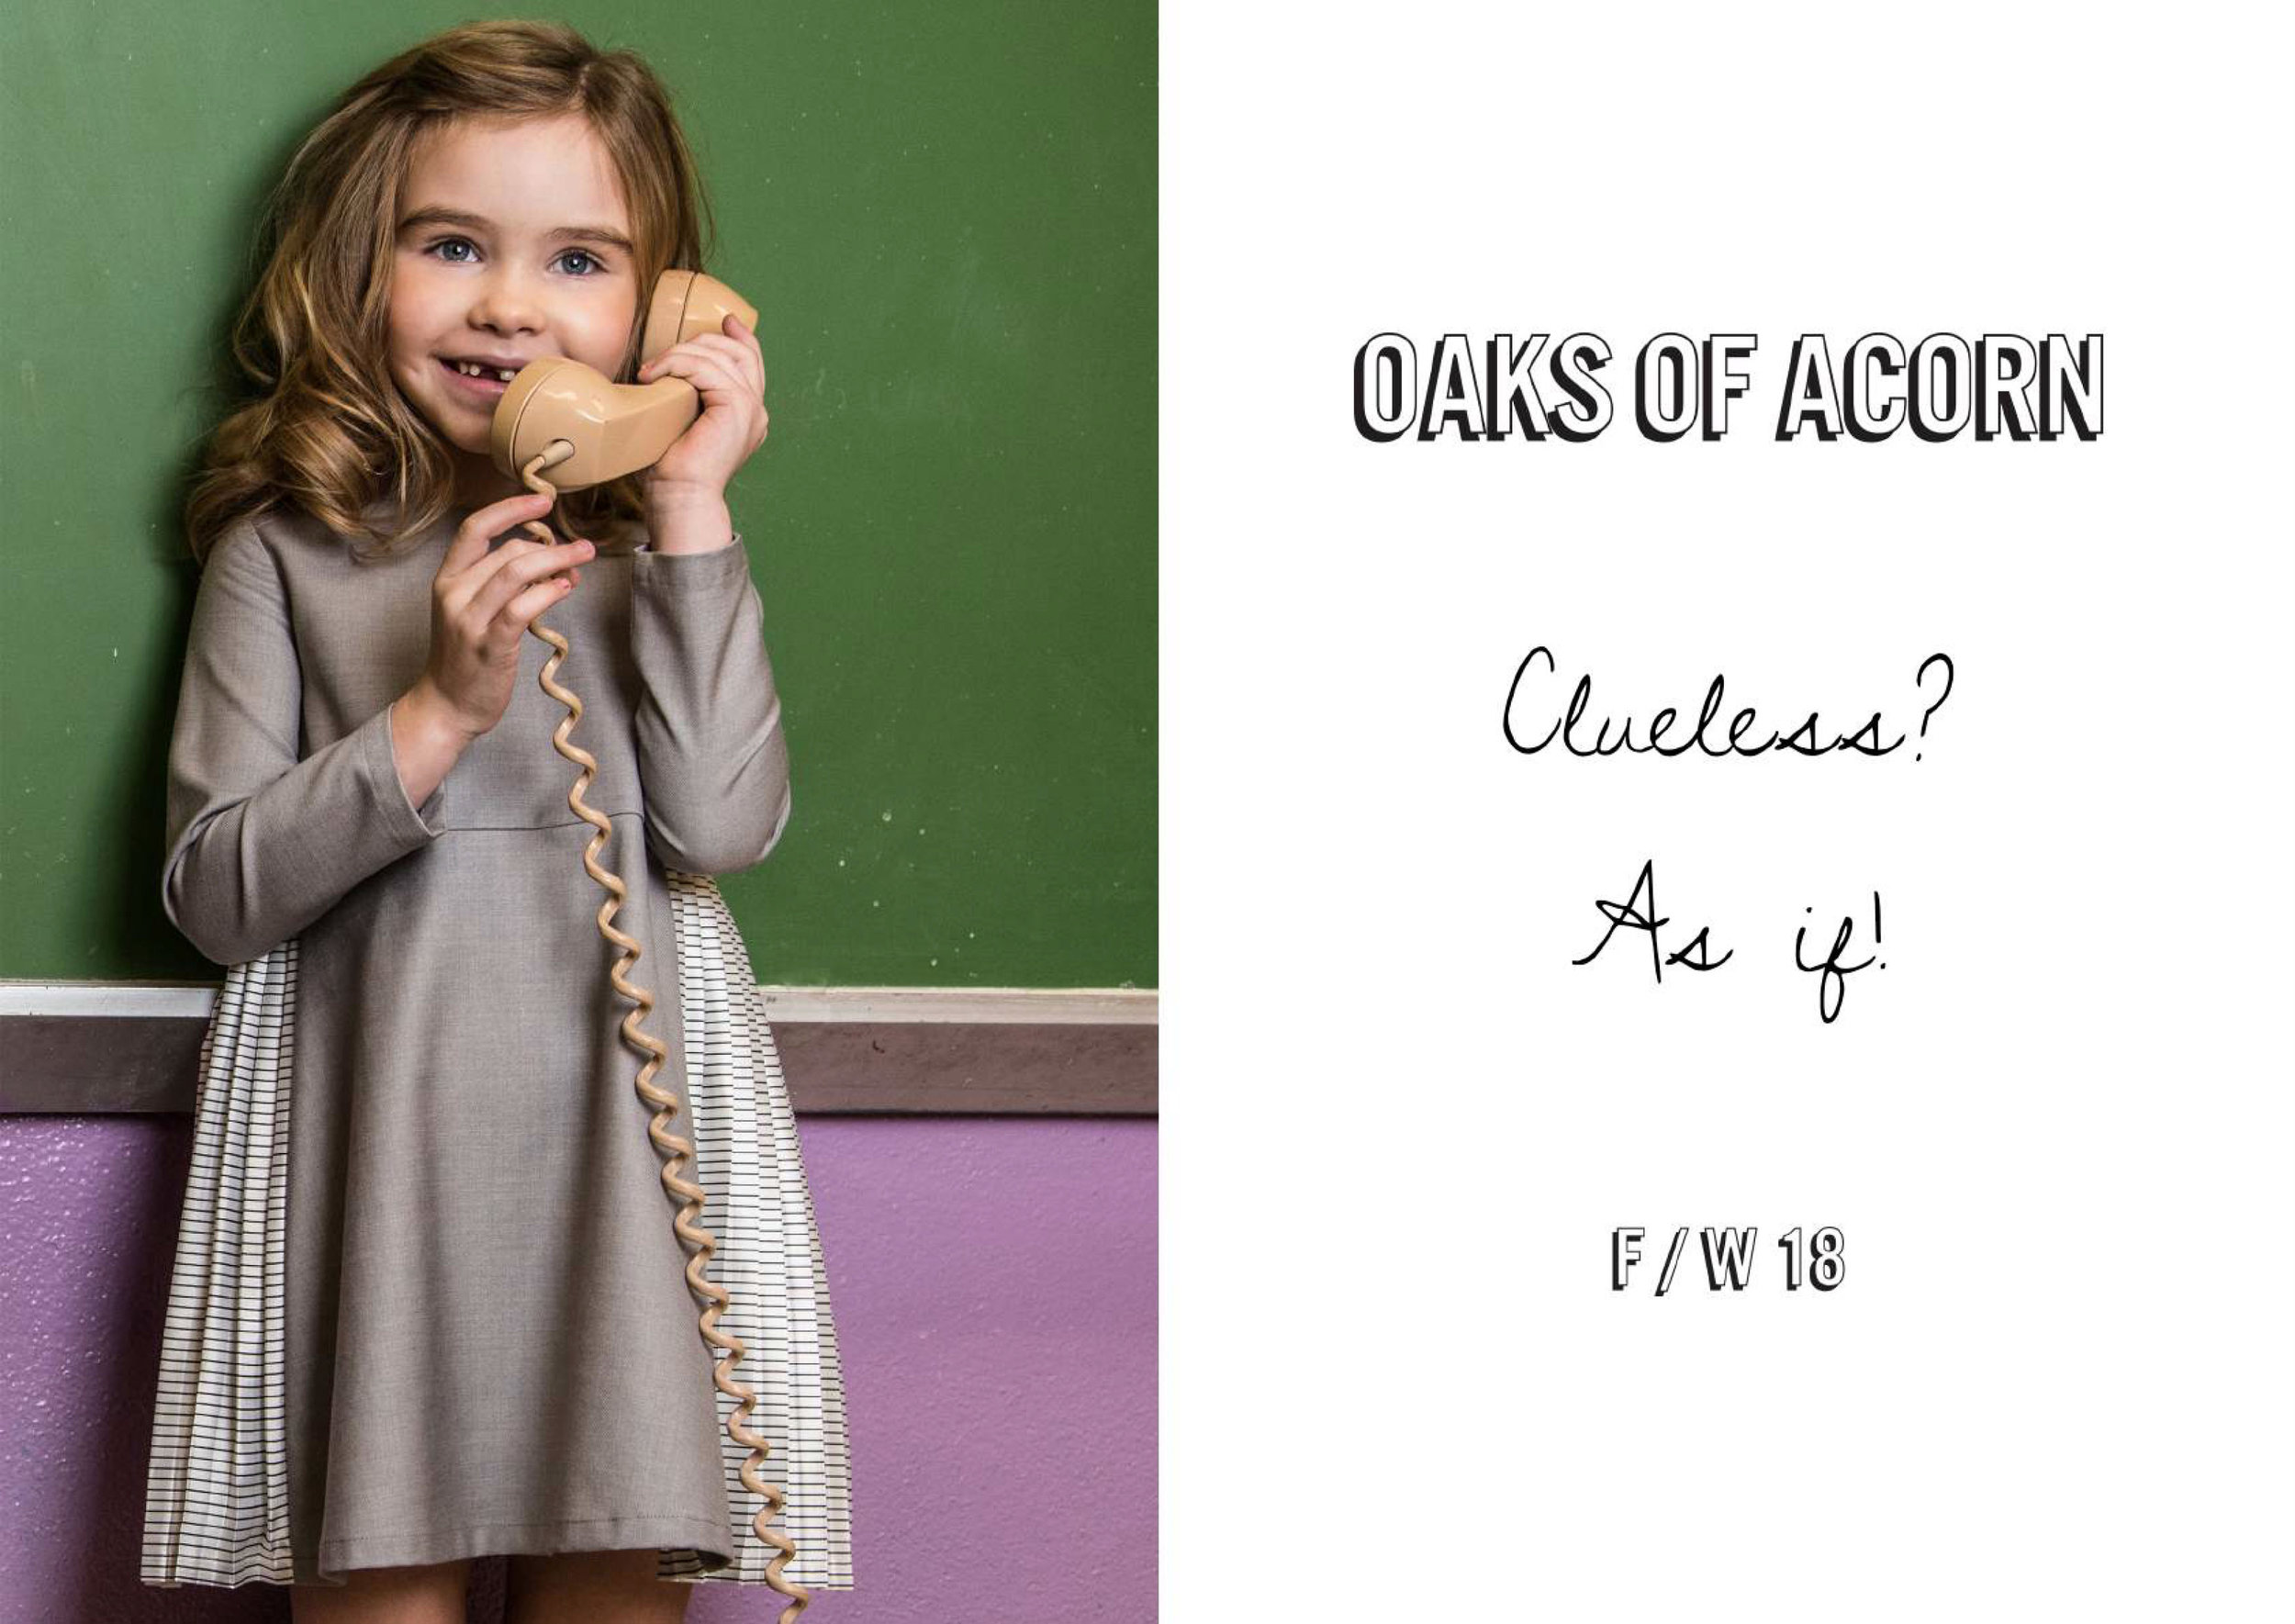 Oaks of Acorn Posterchild Magazine.jpg